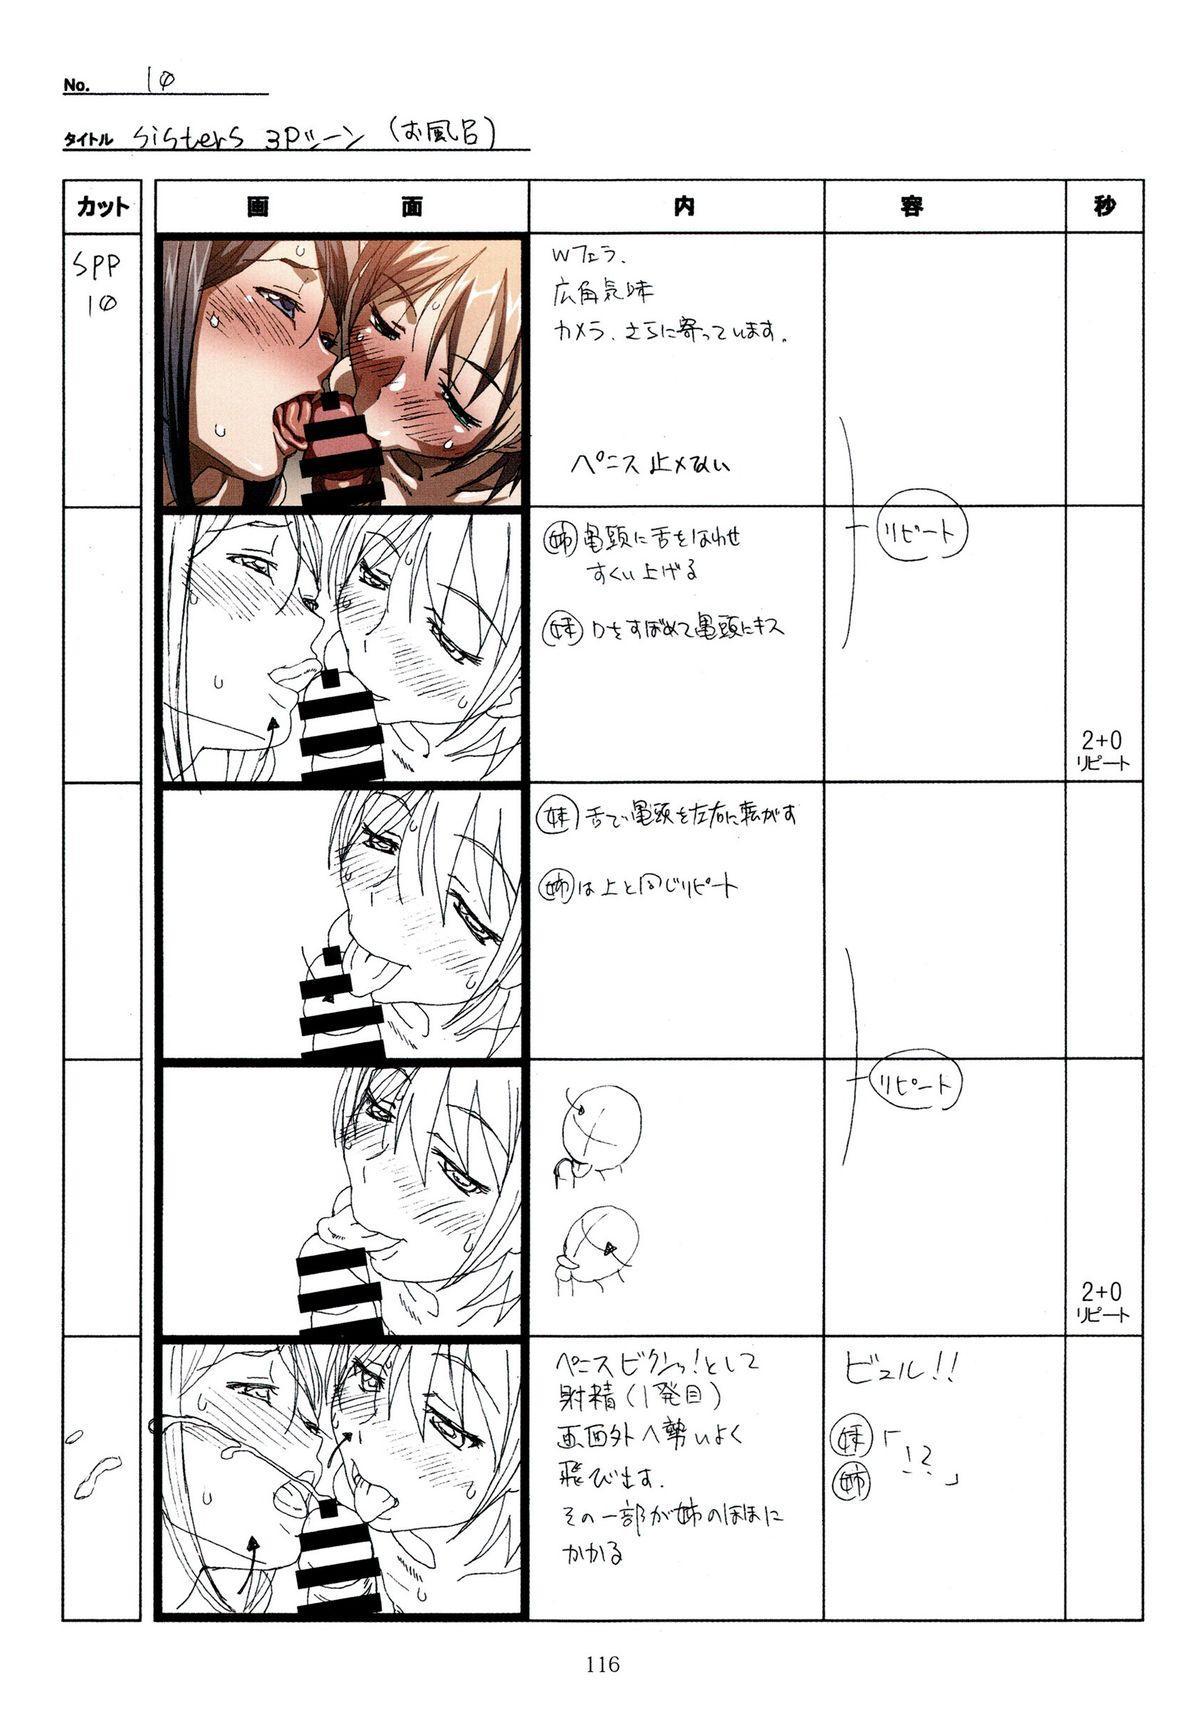 (C89) [Makino Jimusho (Taki Minashika)] SISTERS -Natsu no Saigo no Hi- H Scene All Part Storyboard (SISTERS -Natsu no Saigo no Hi-) 115